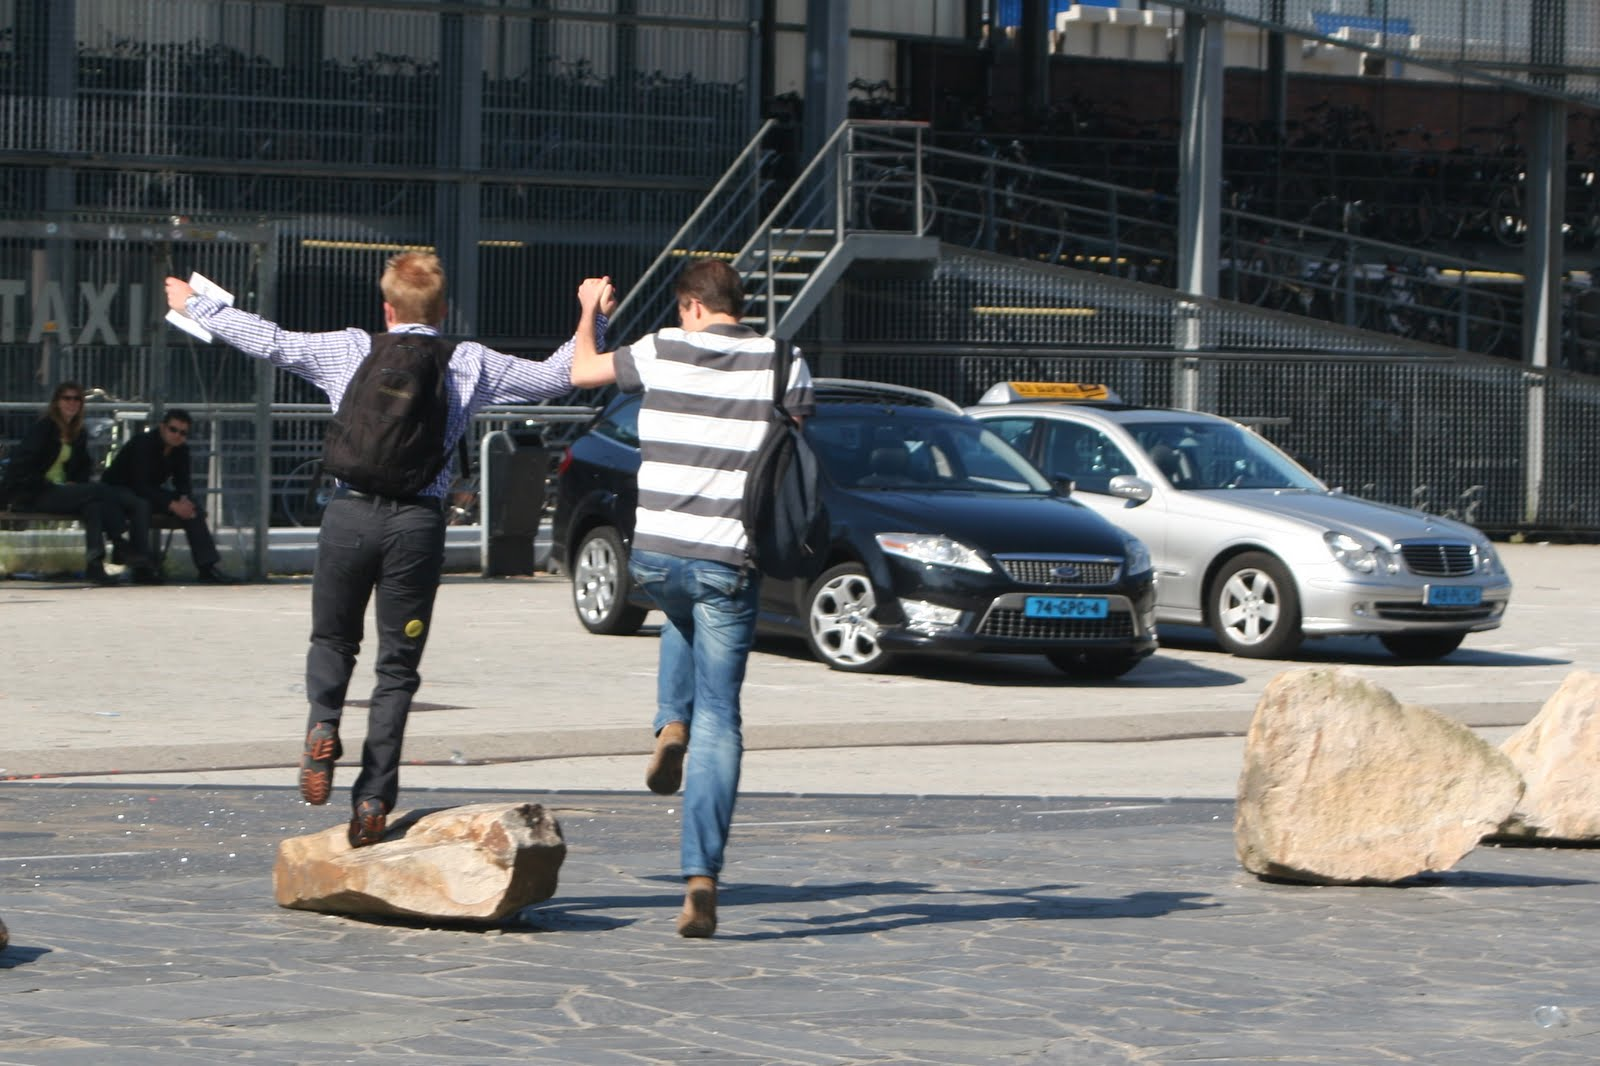 Yorick en Maarten gaan de auto halen